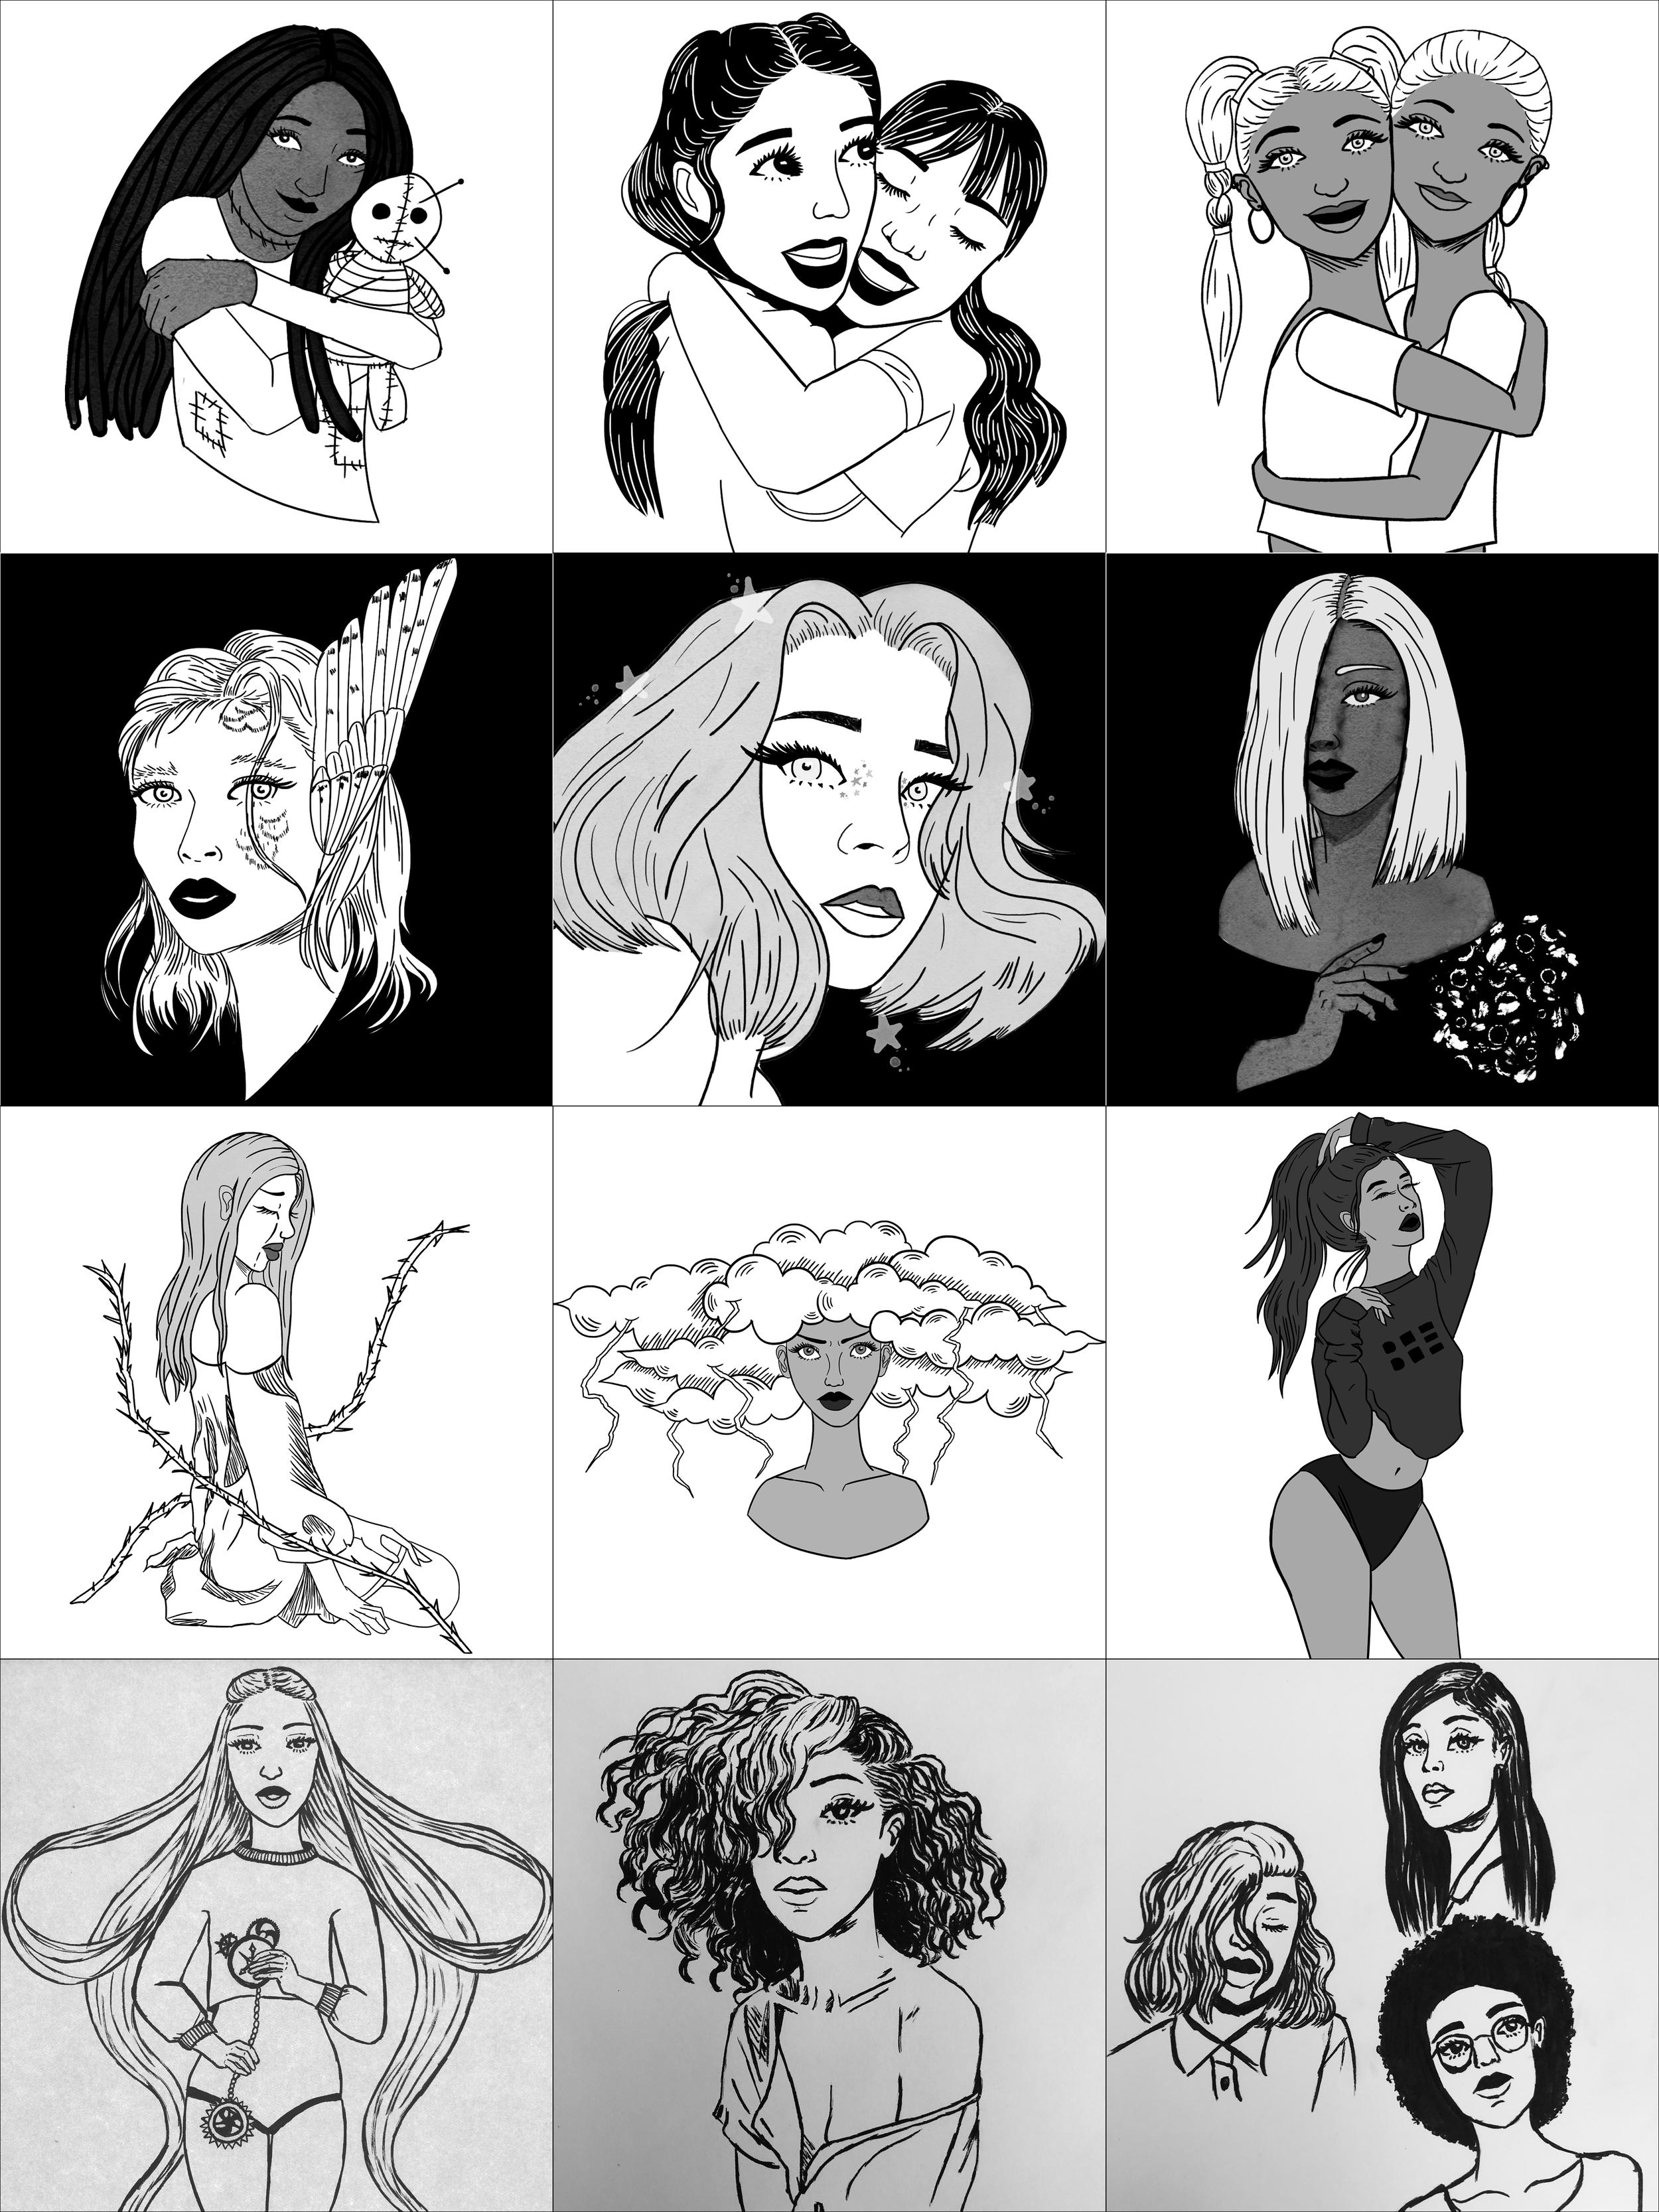 Inktober 2018 Illustrations